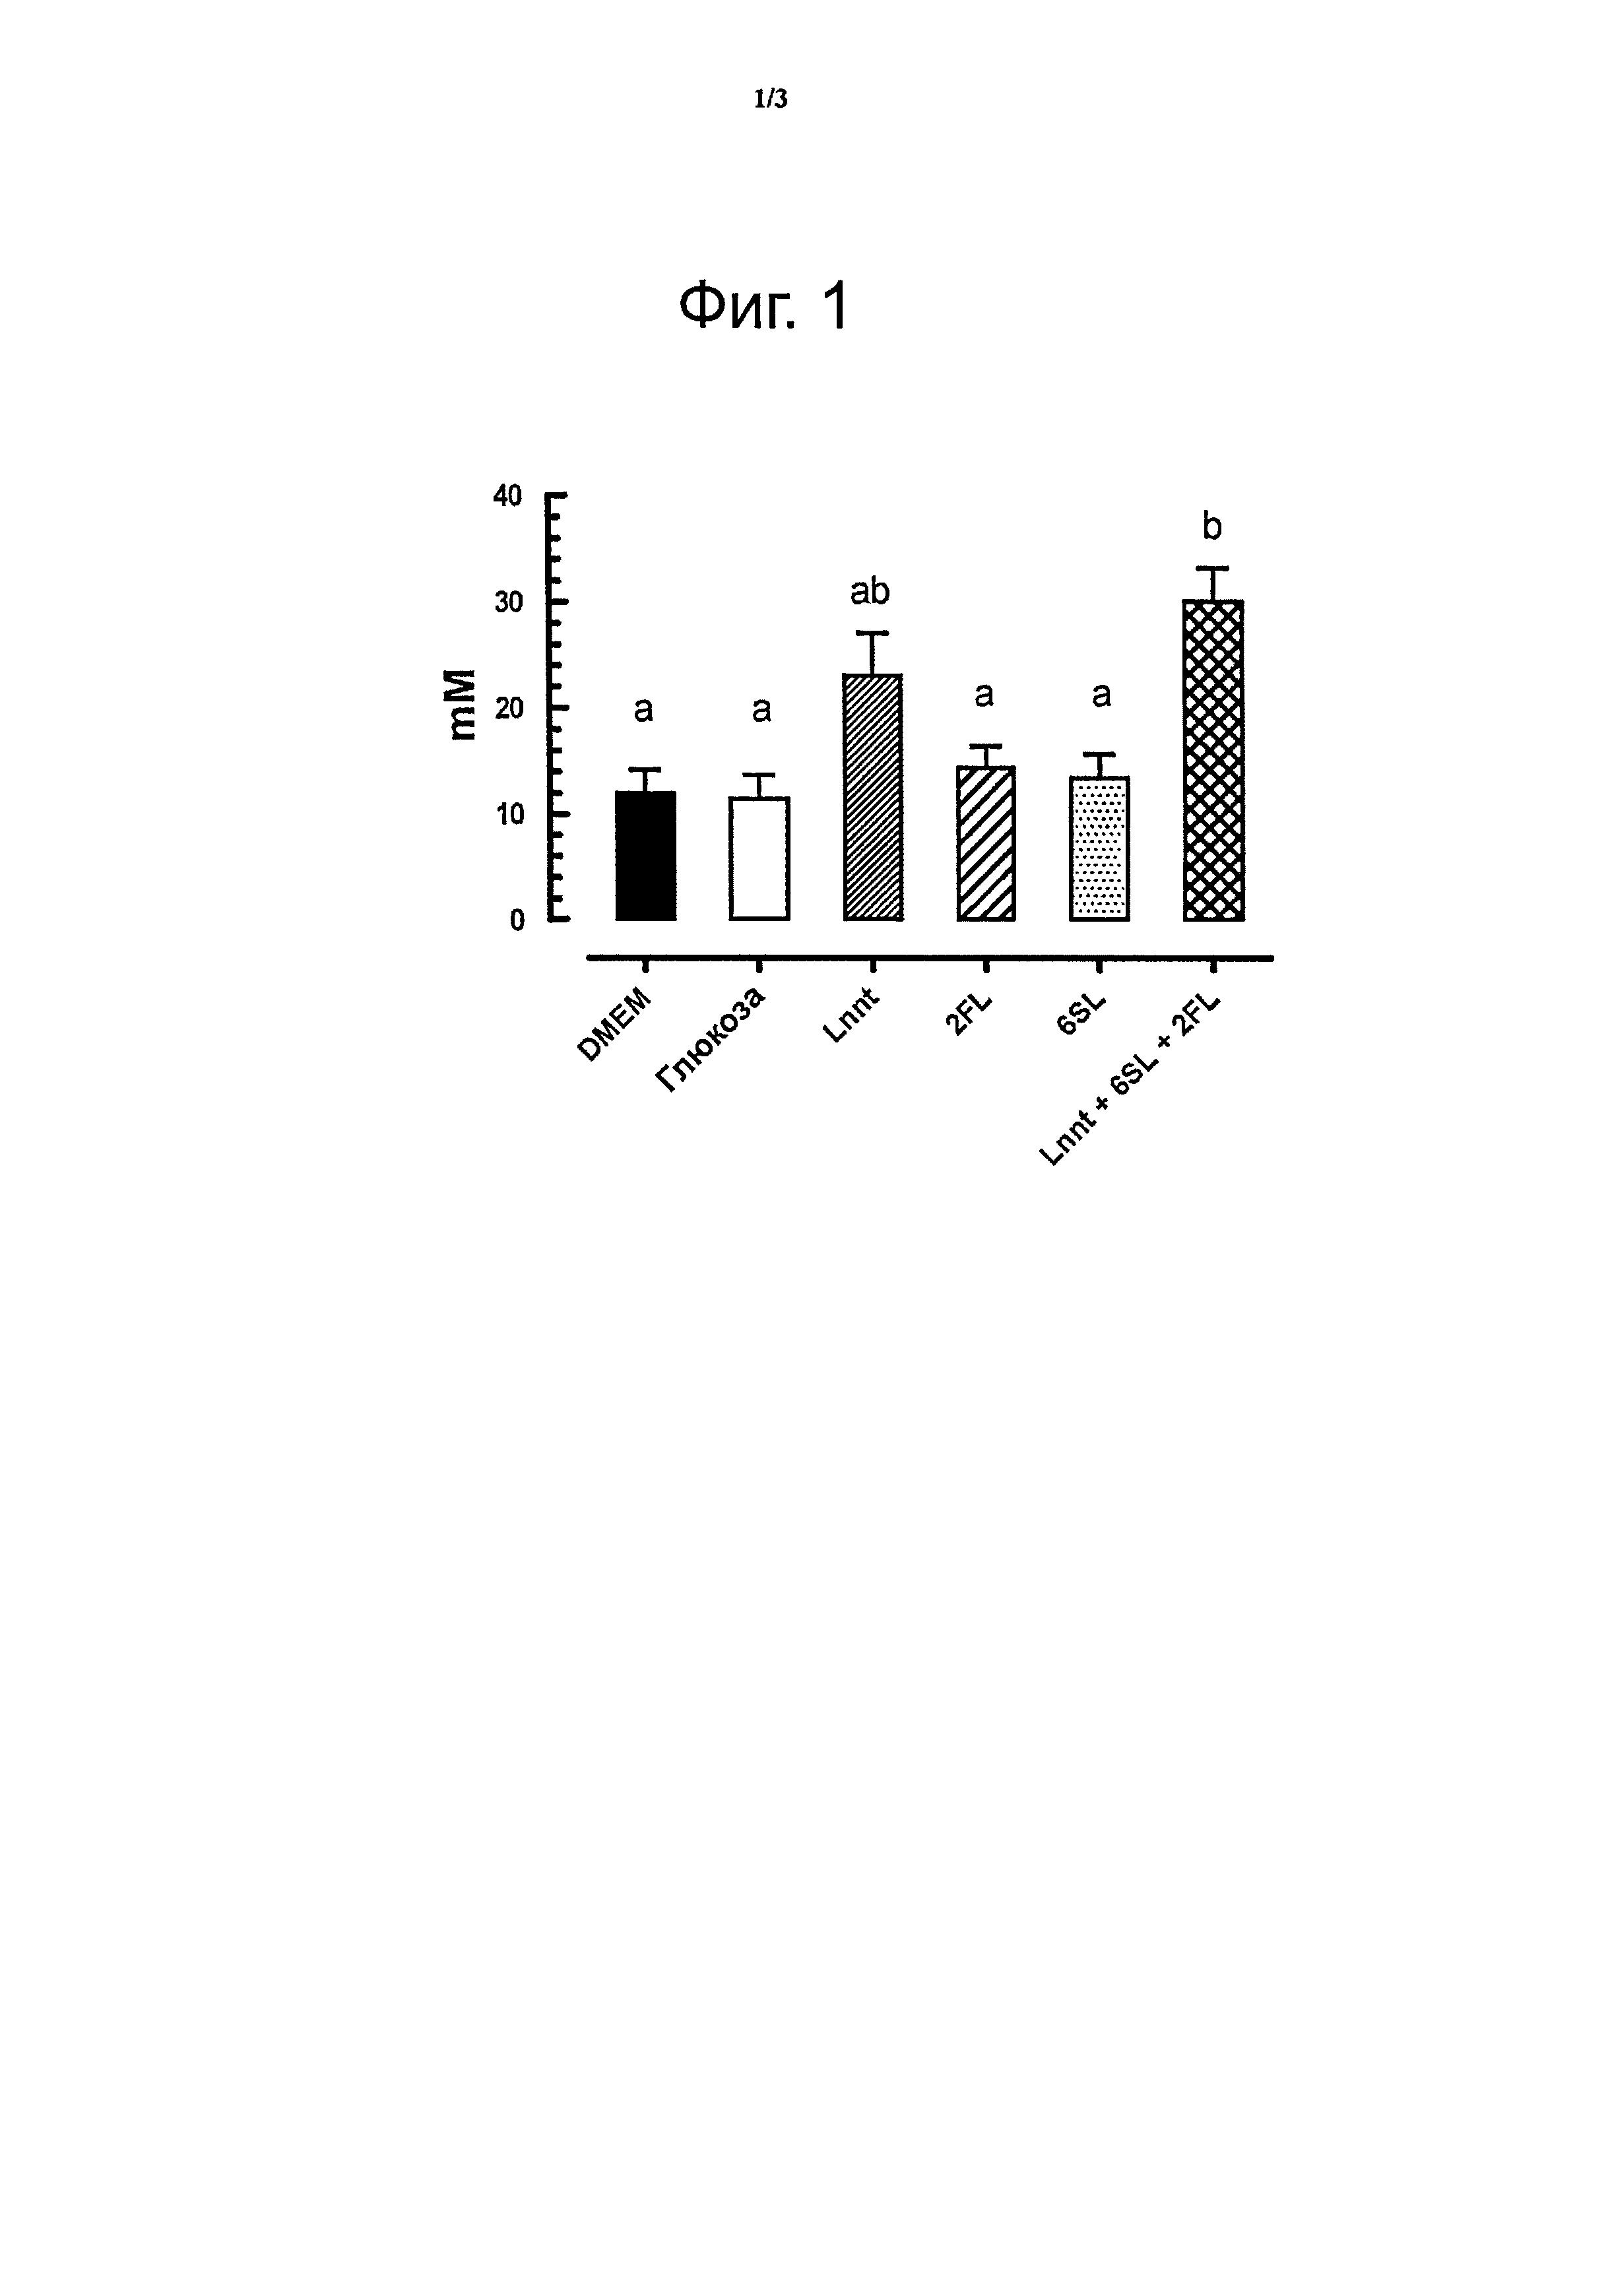 Олигосахаридная композиция для лечения острых инфекций дыхательных путей